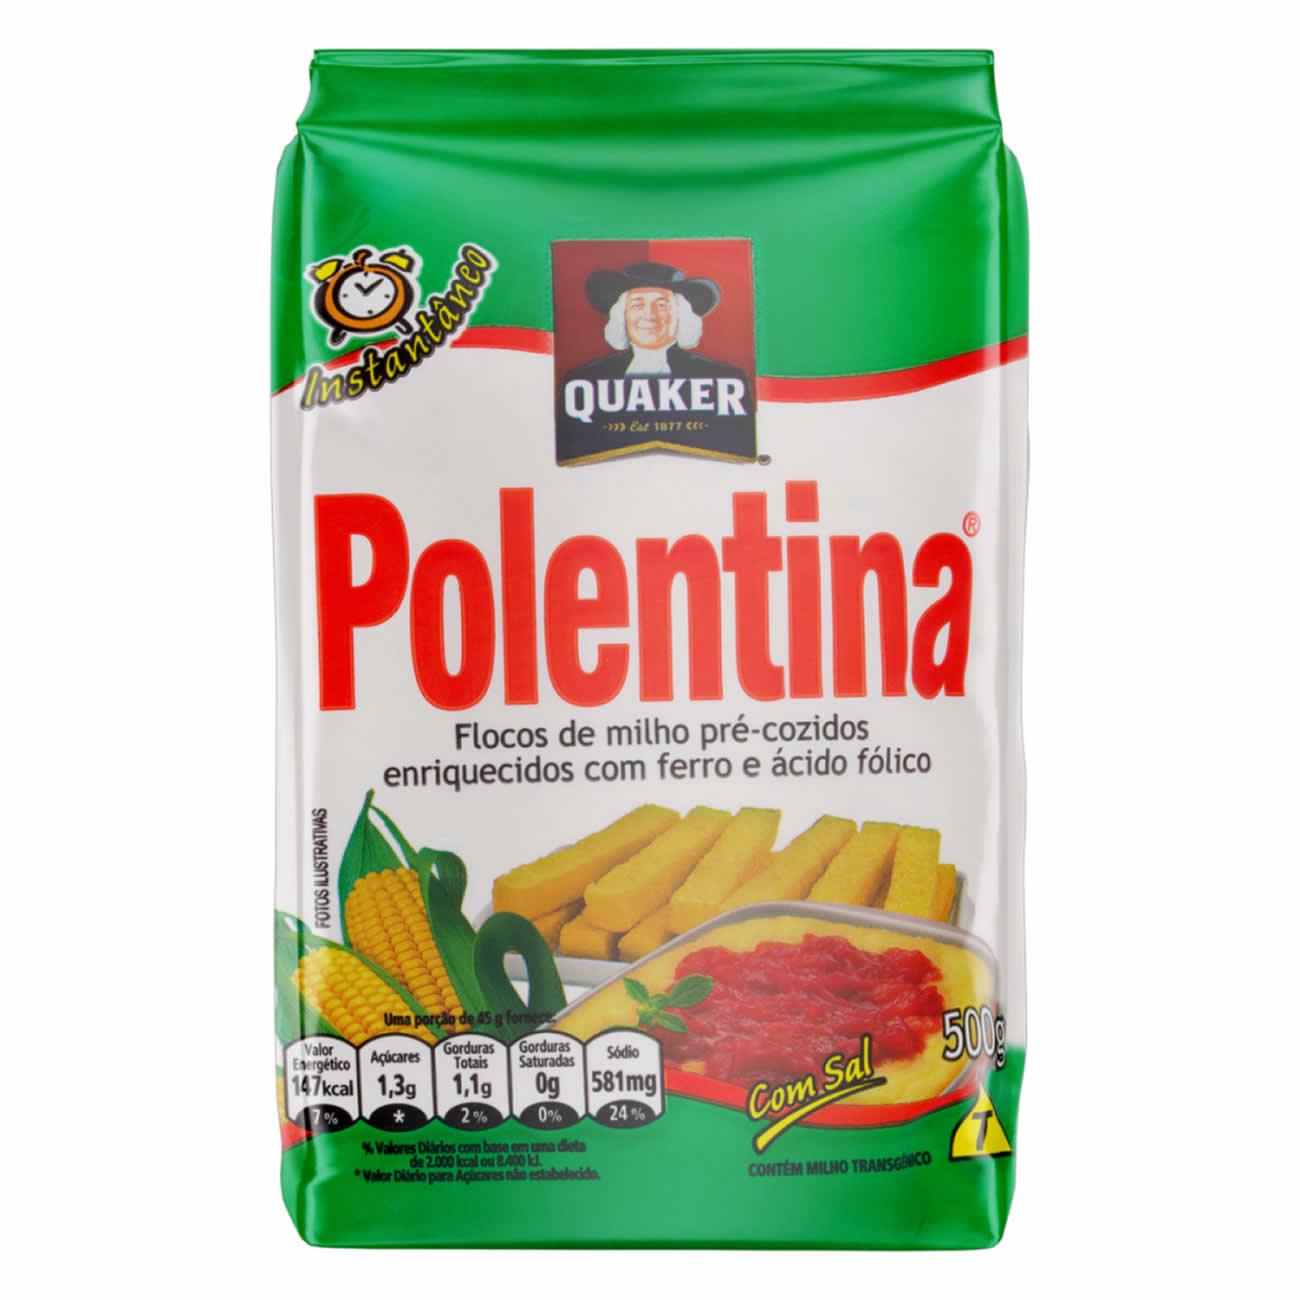 Flocos De Milho Pré-Cozido Quaker Polentina Pacote 500G